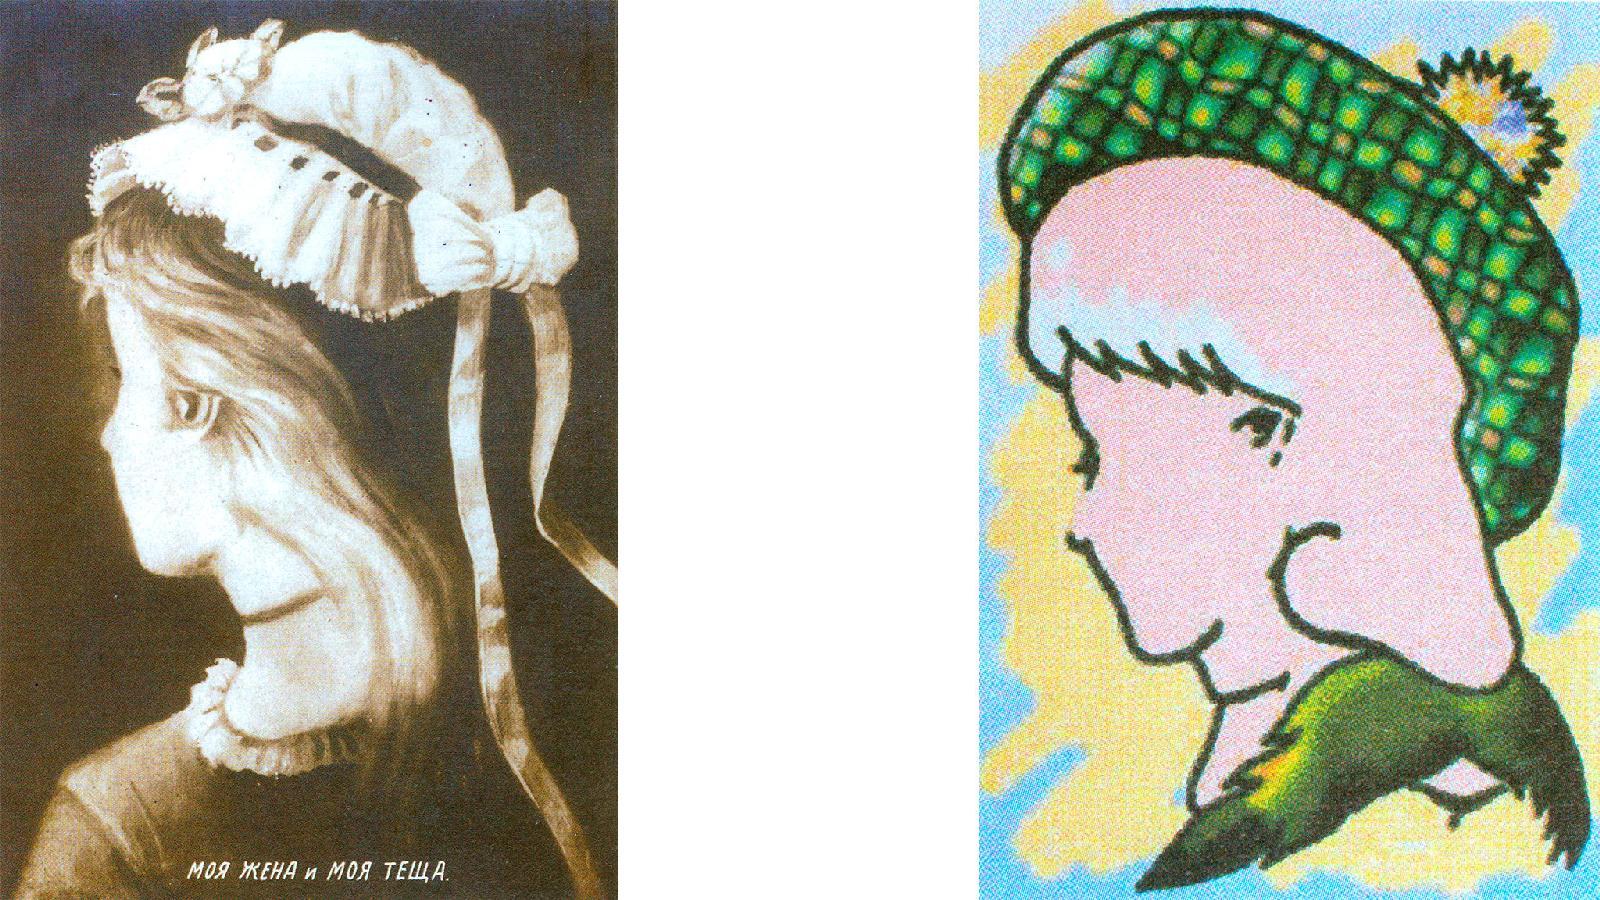 «Моя жена и моя теща», почтовая открытка, 1900. «Семья: папа, мама, дочь», Г.Фишер, 1968.